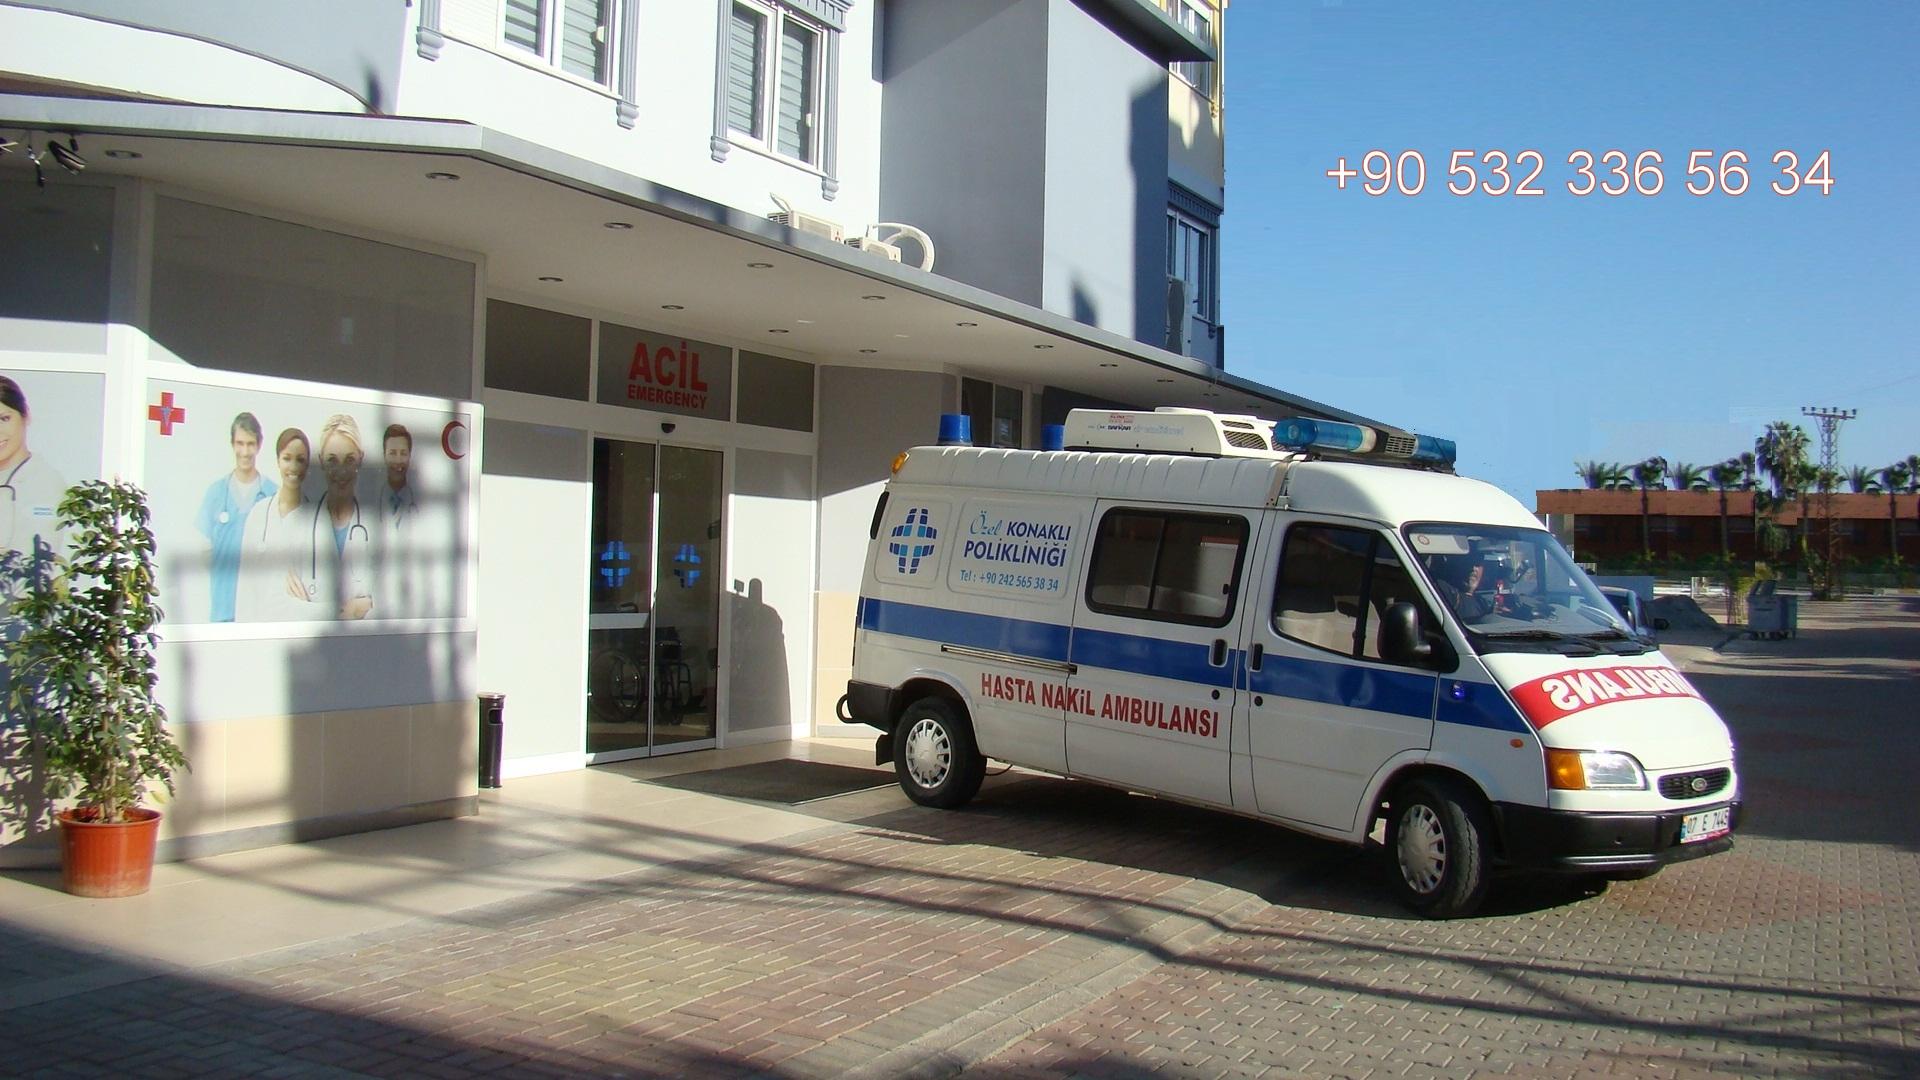 +ambulance doctor arzt in konakli alanya avsallar